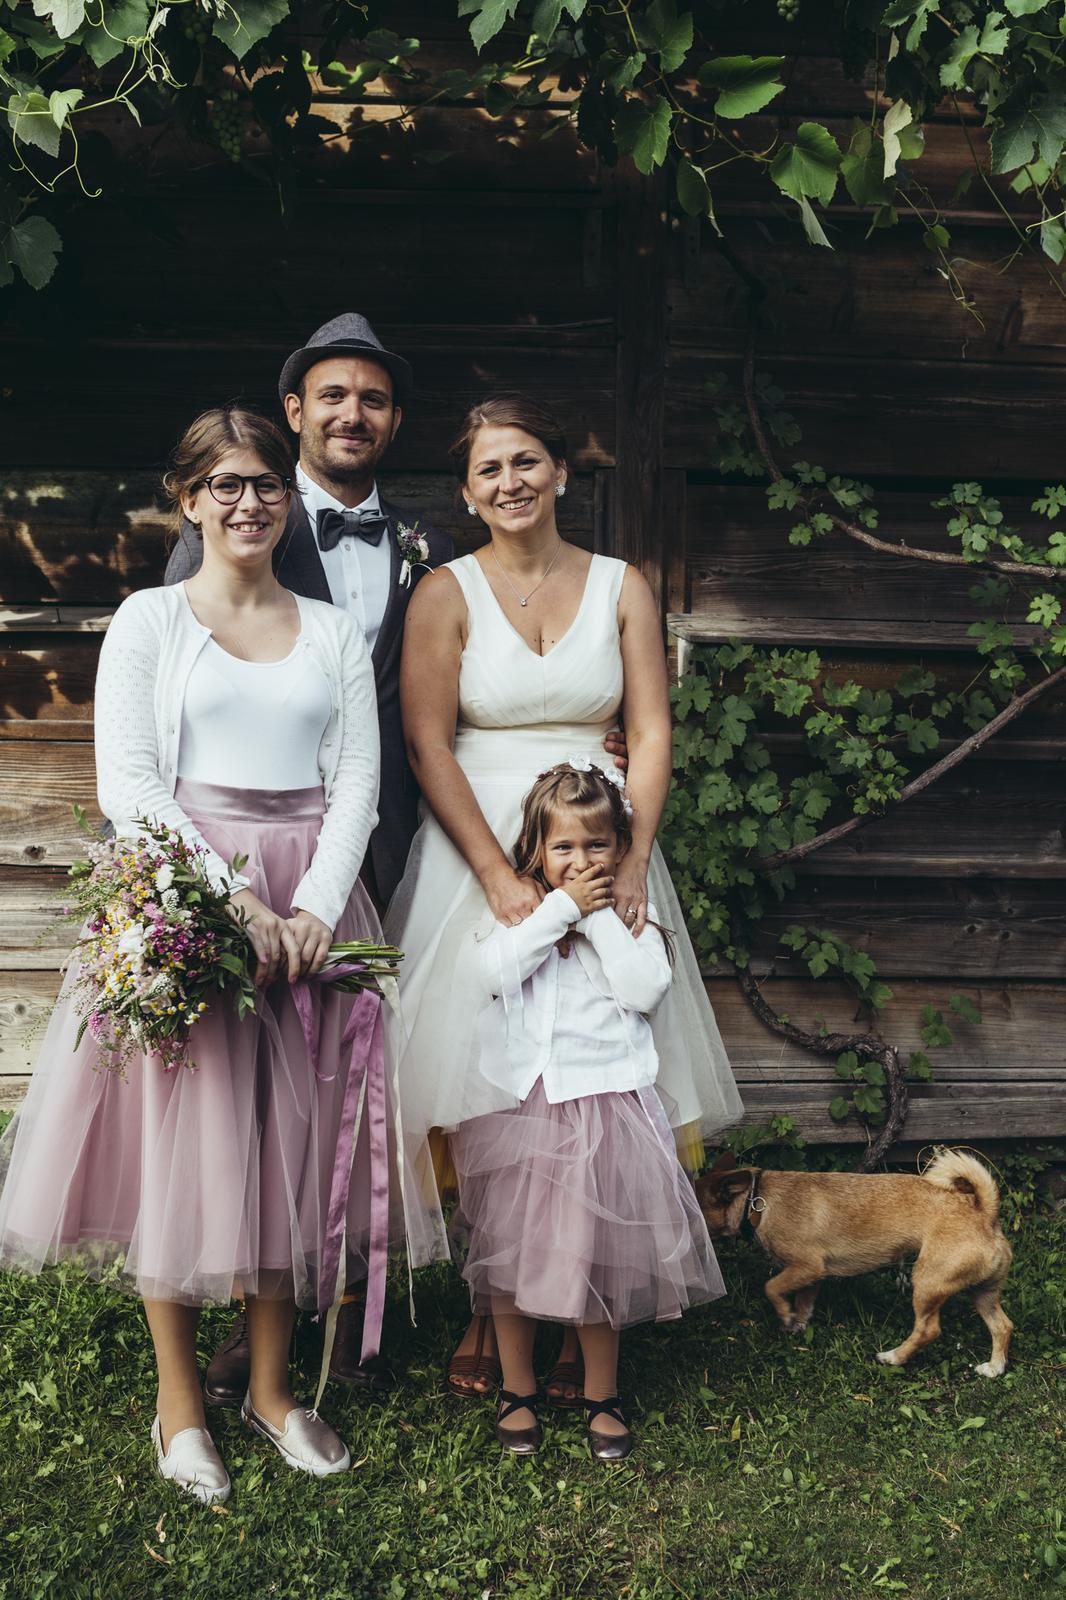 peter_a_lucia - Krátke svadobné šaty s farebnou spodnicou, tylové Lo-OK sukne pre družičky